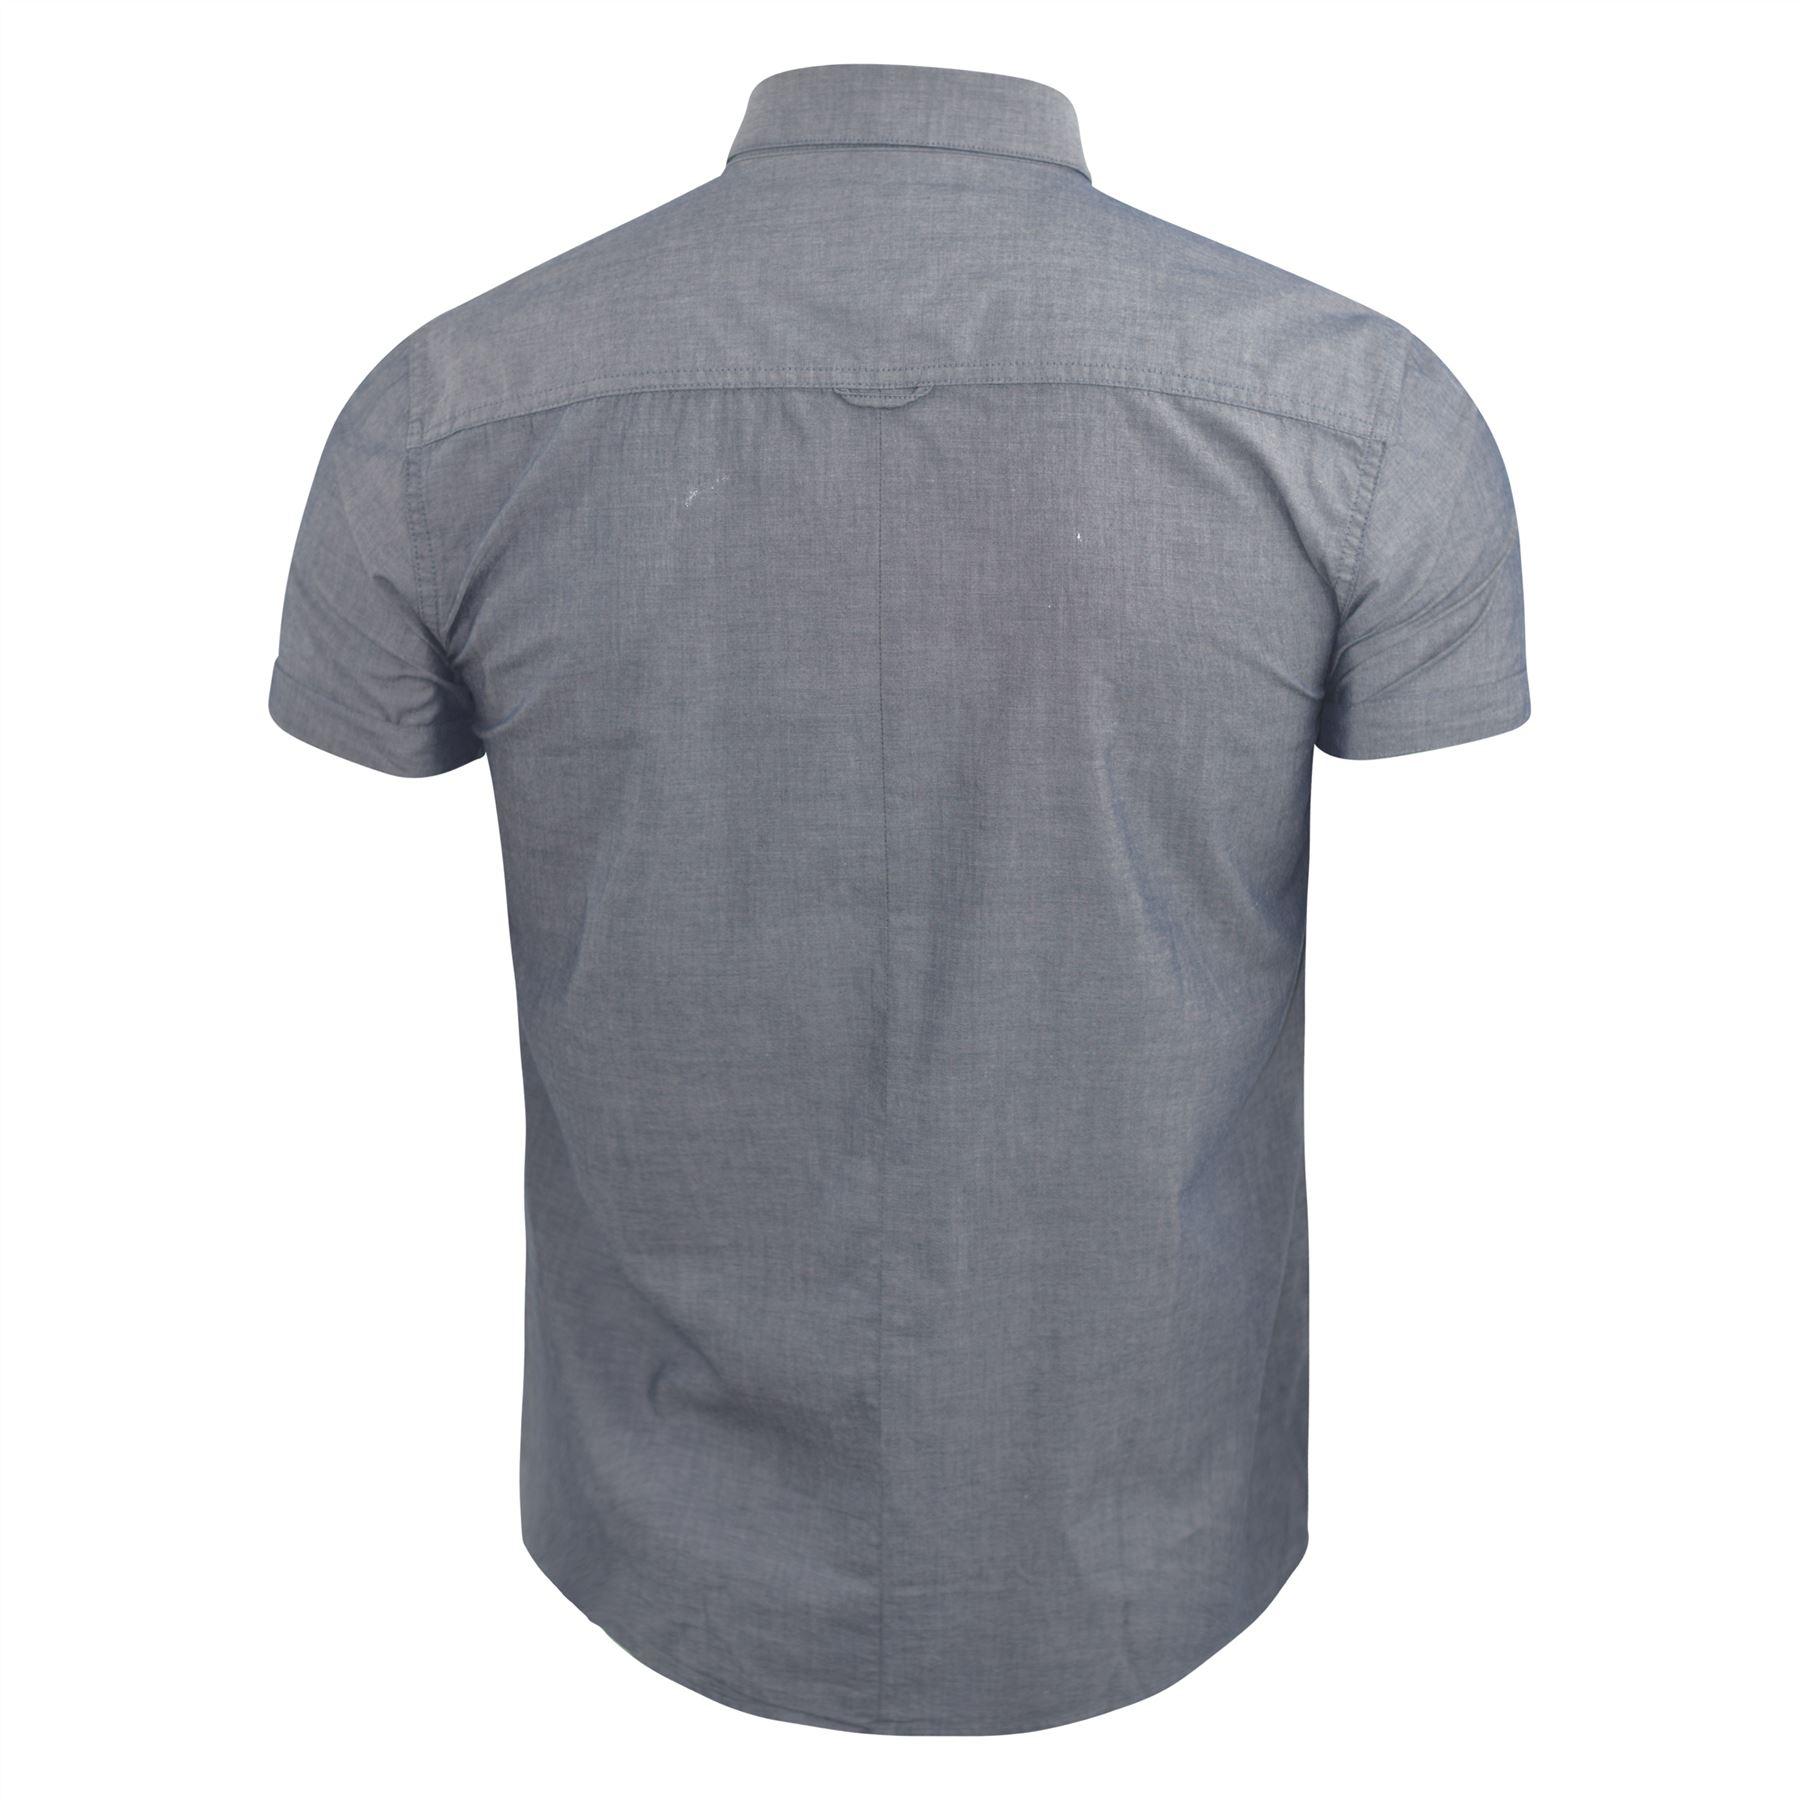 Mens-Plain-Shirt-Henthorn-Short-Sleeved-Cotton-Blend-Casual-Top thumbnail 5